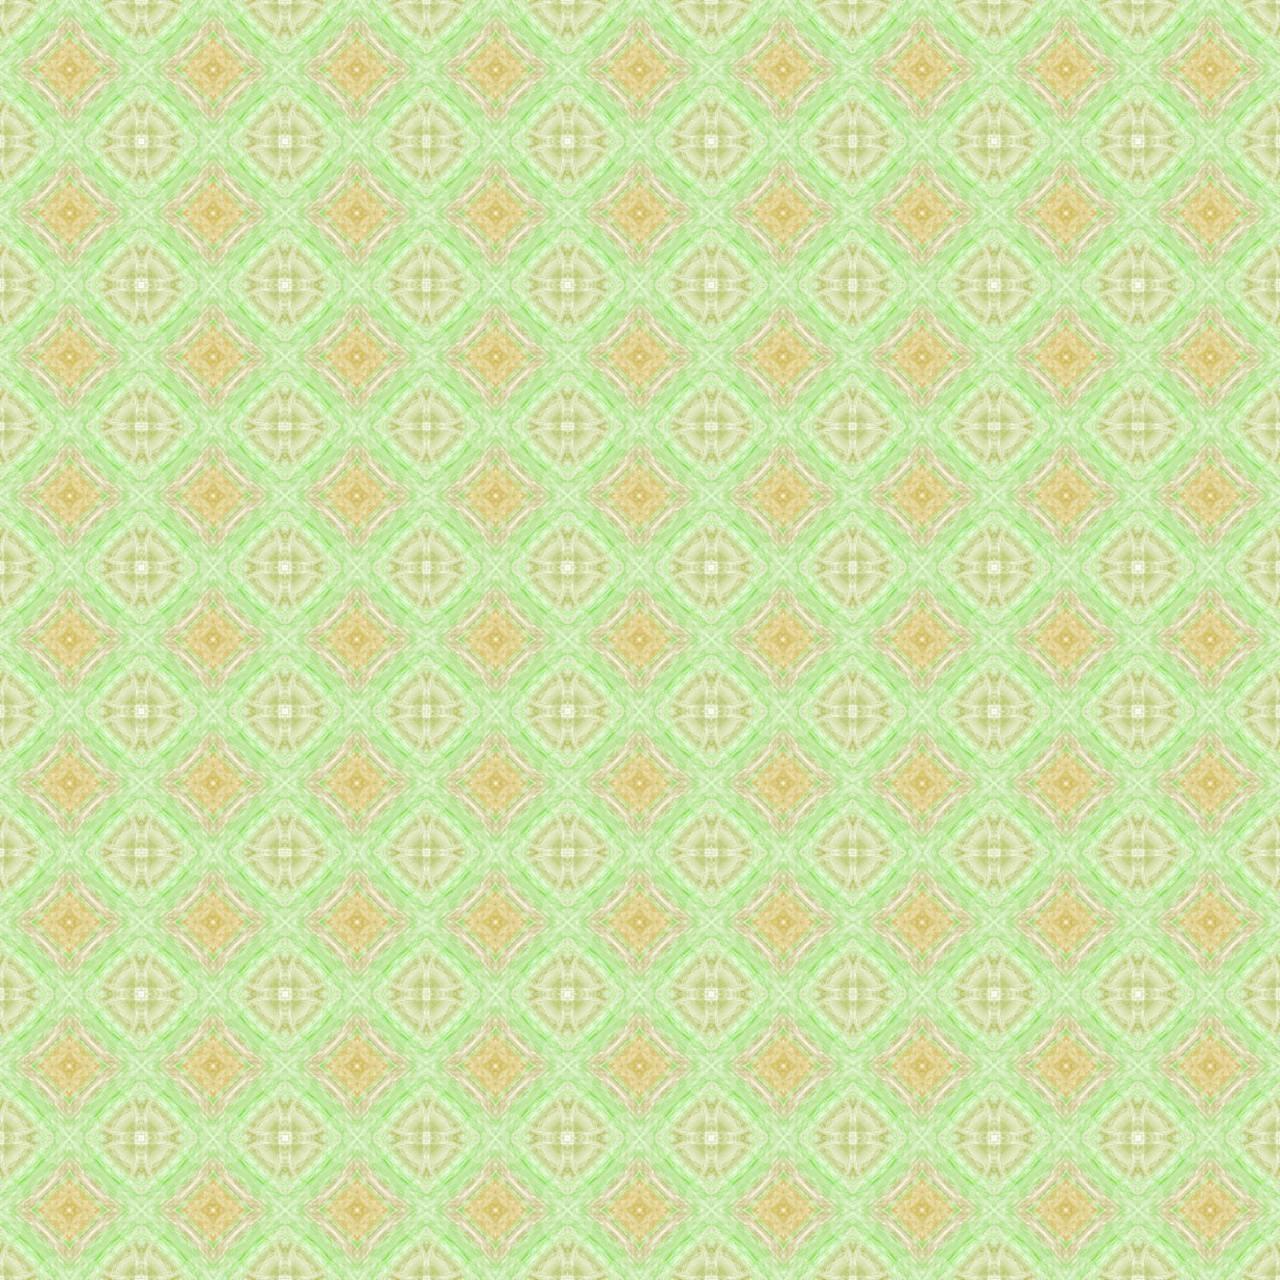 Tiled Wallpaper 18-2